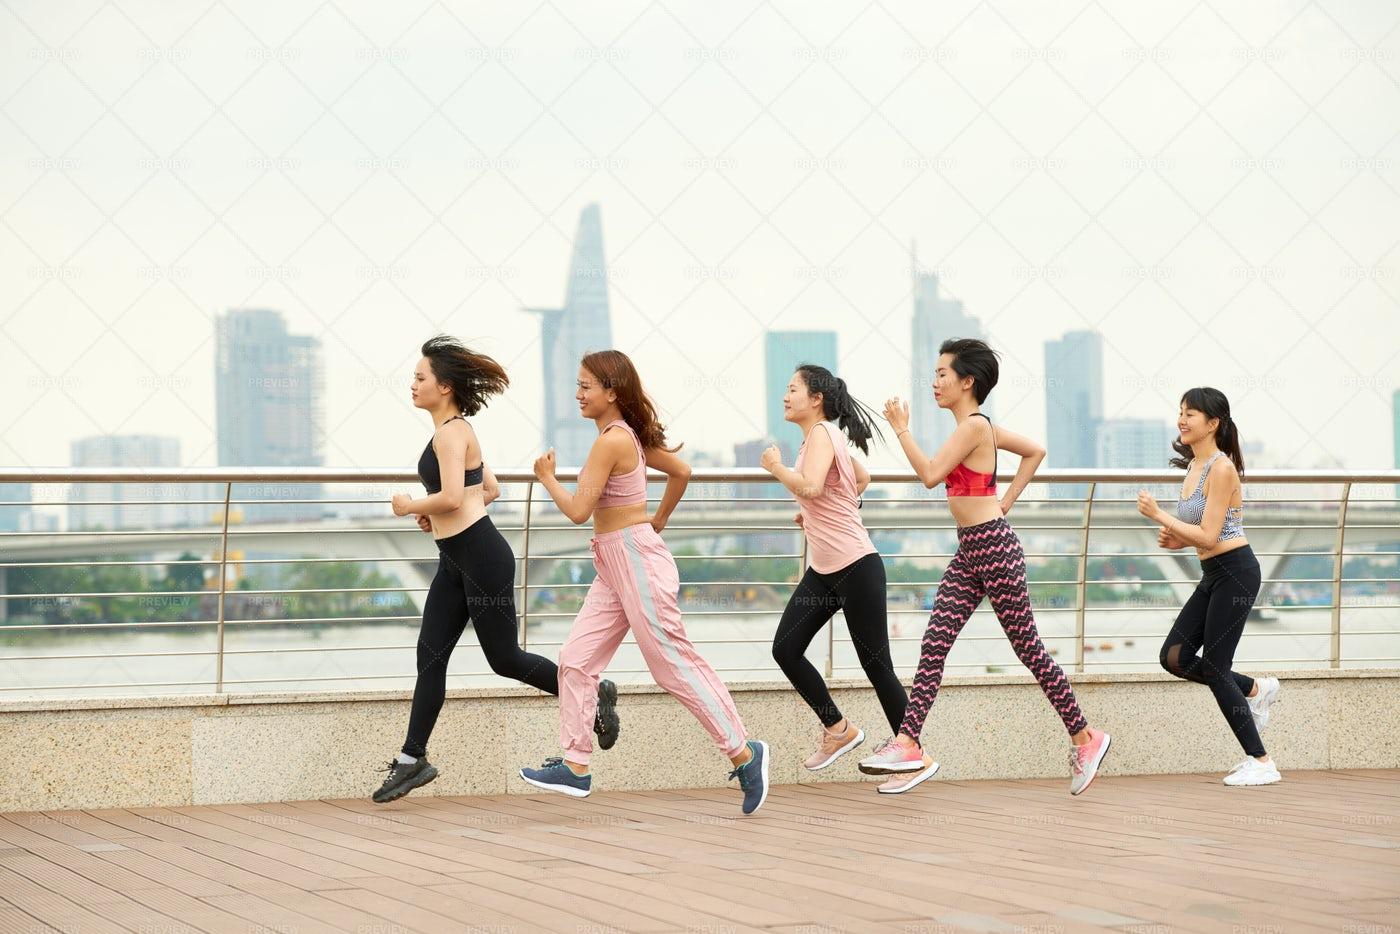 Running Sportswomen On Seafront: Stock Photos